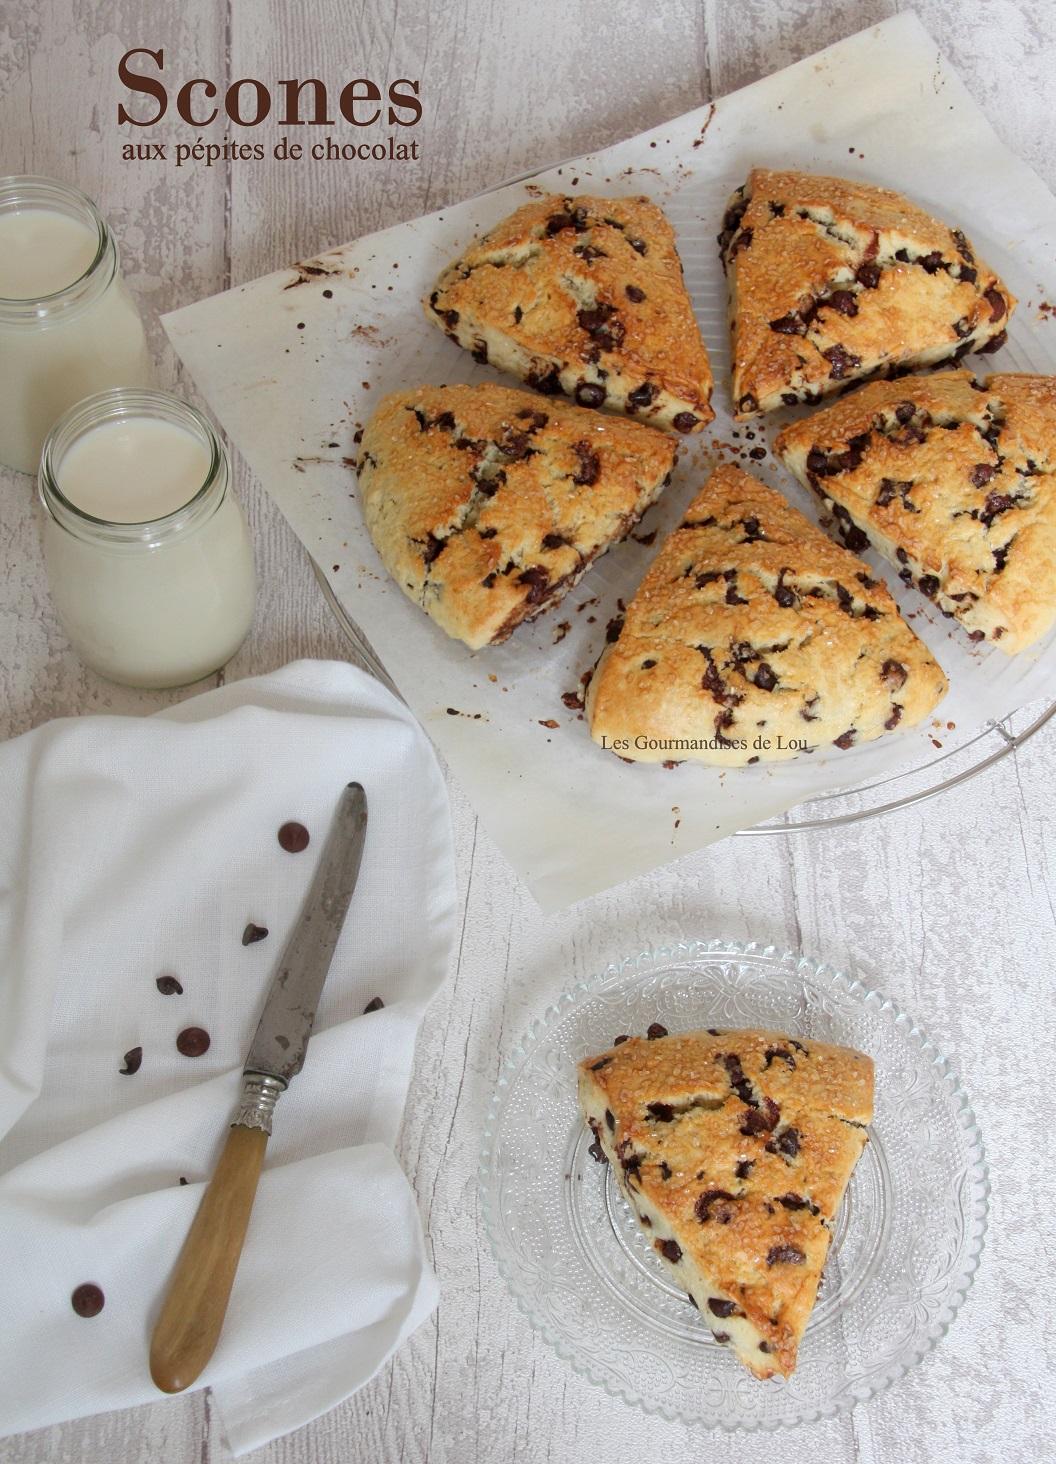 scones-aux-pepites-de-chocolat